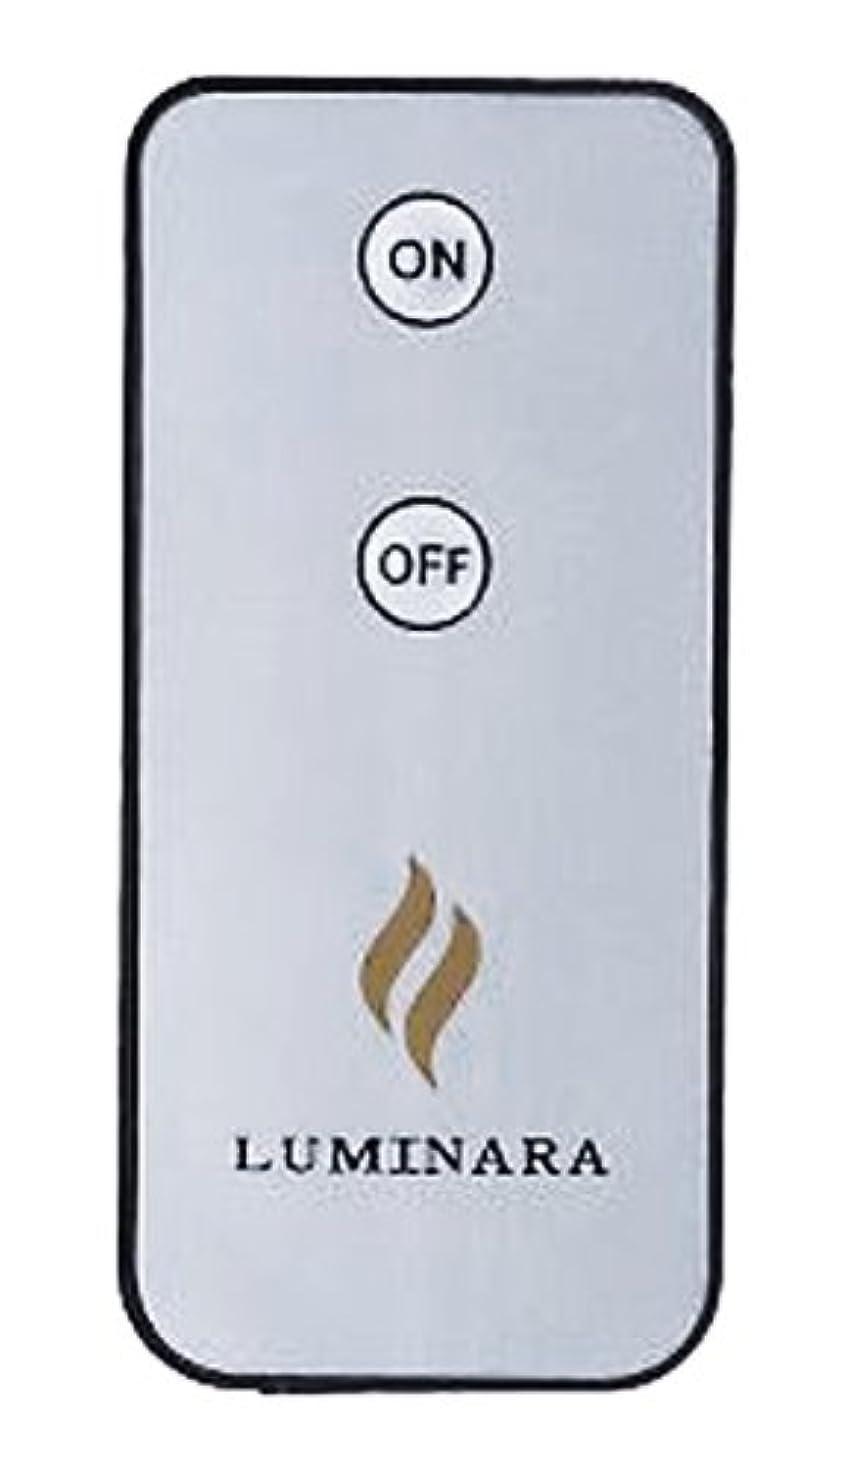 起こりやすい間違い申し立てるLUMINARA(ルミナラ)リモコン【ピラー専用】 03040000